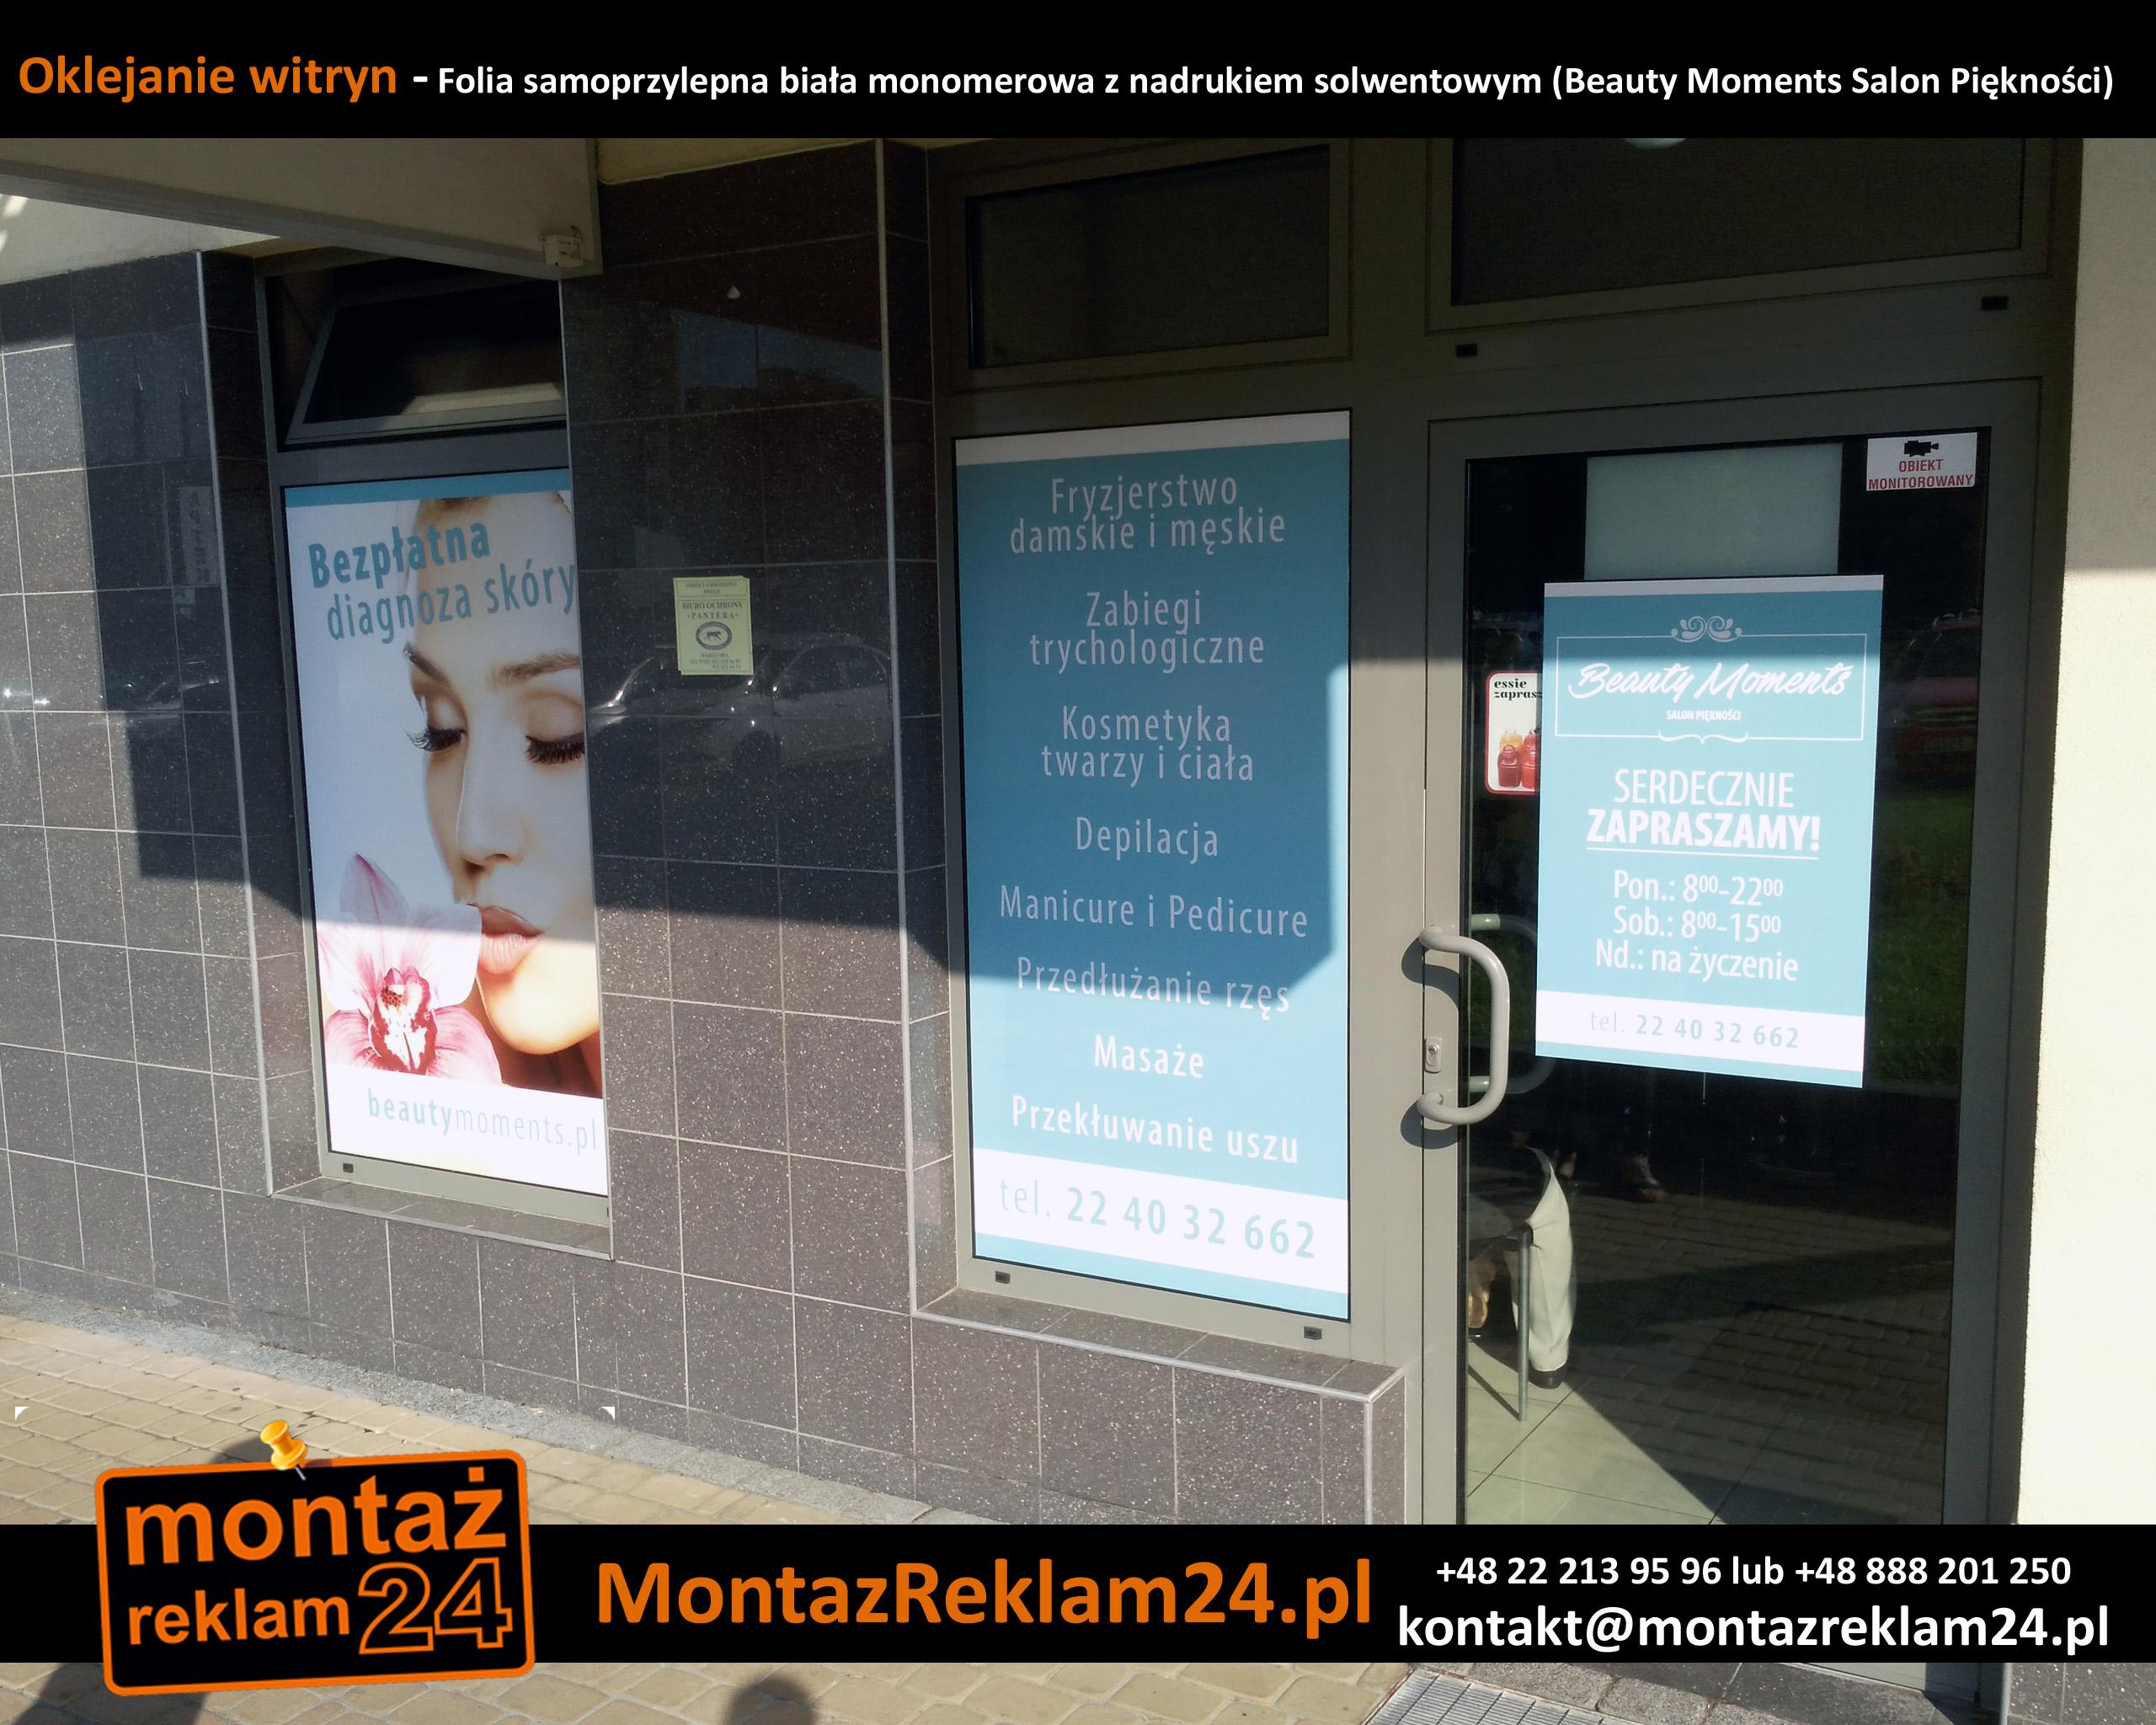 Oklejanie witryn - Folia samoprzylepna biała monomerowa z nadrukiem solwentowym (Beauty Moments Salon Piękności).jpg